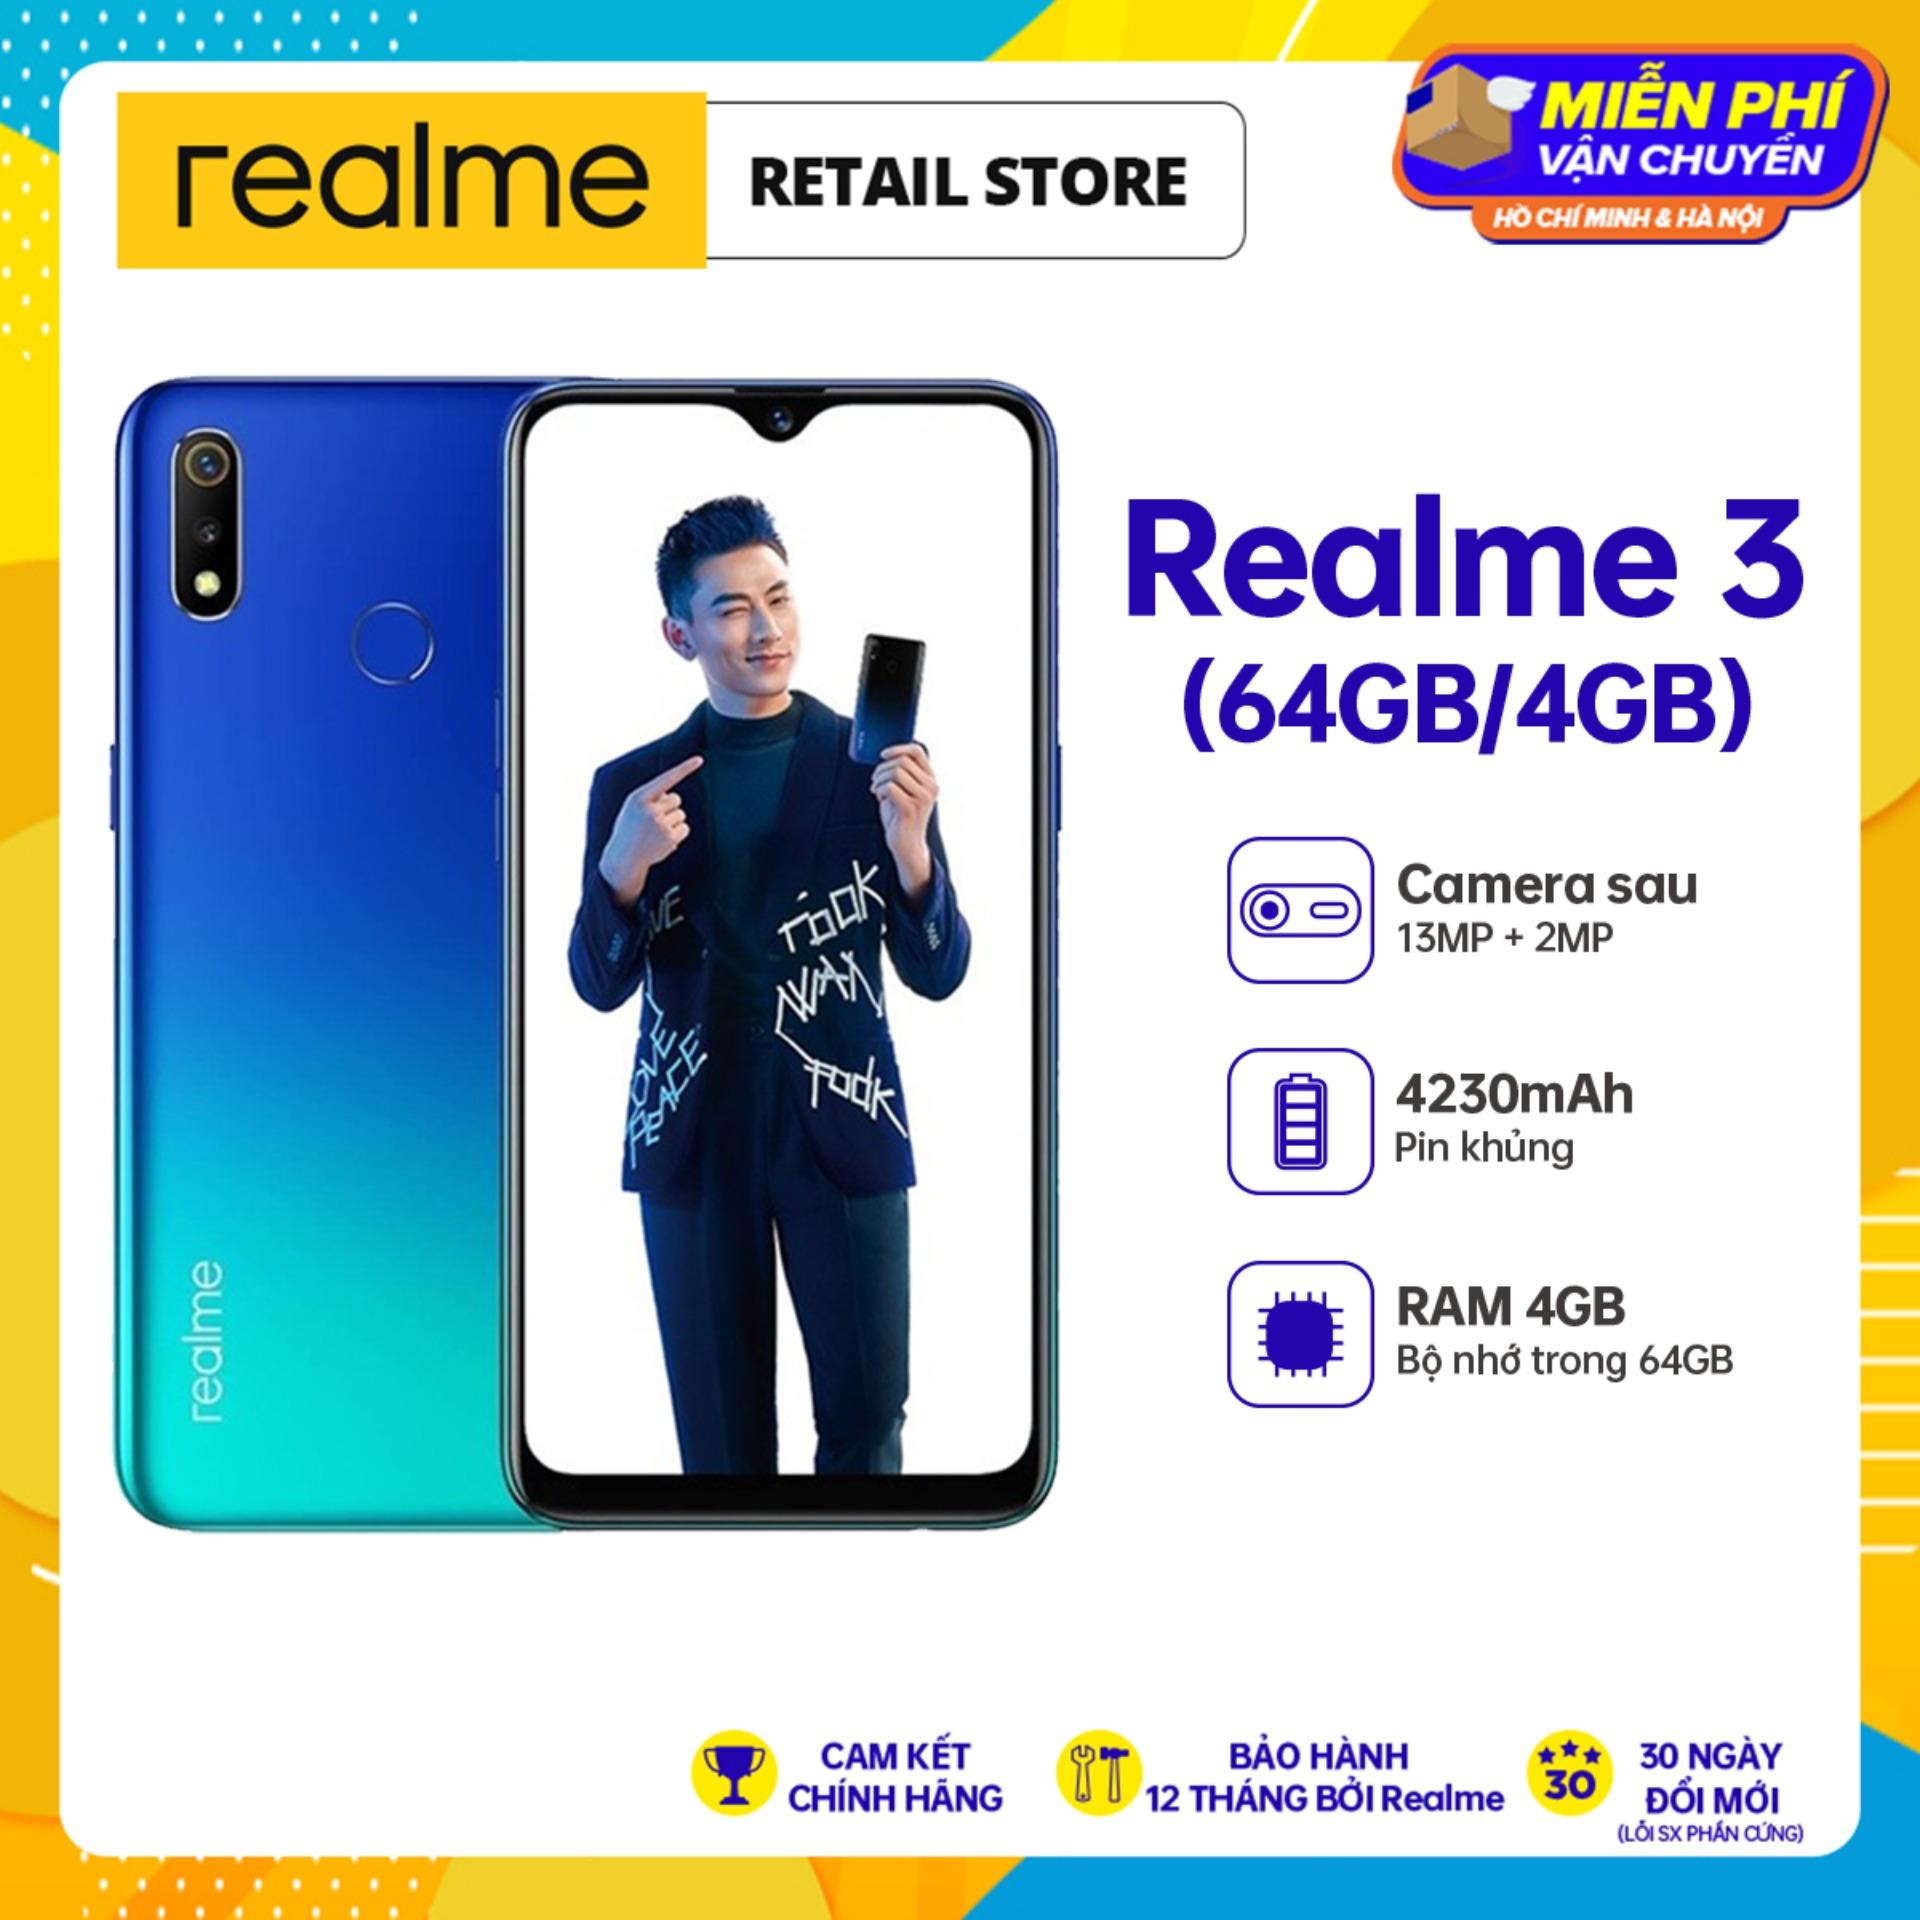 BẢO HÀNH 12 THÁNG Điện Thoại Realme 3 (4GB/64GB) - Camera sau kép 13MP+2MP Camera trước 13MP Pin 4230mAh 2 SIM Nano - Hàng Chính Hãng